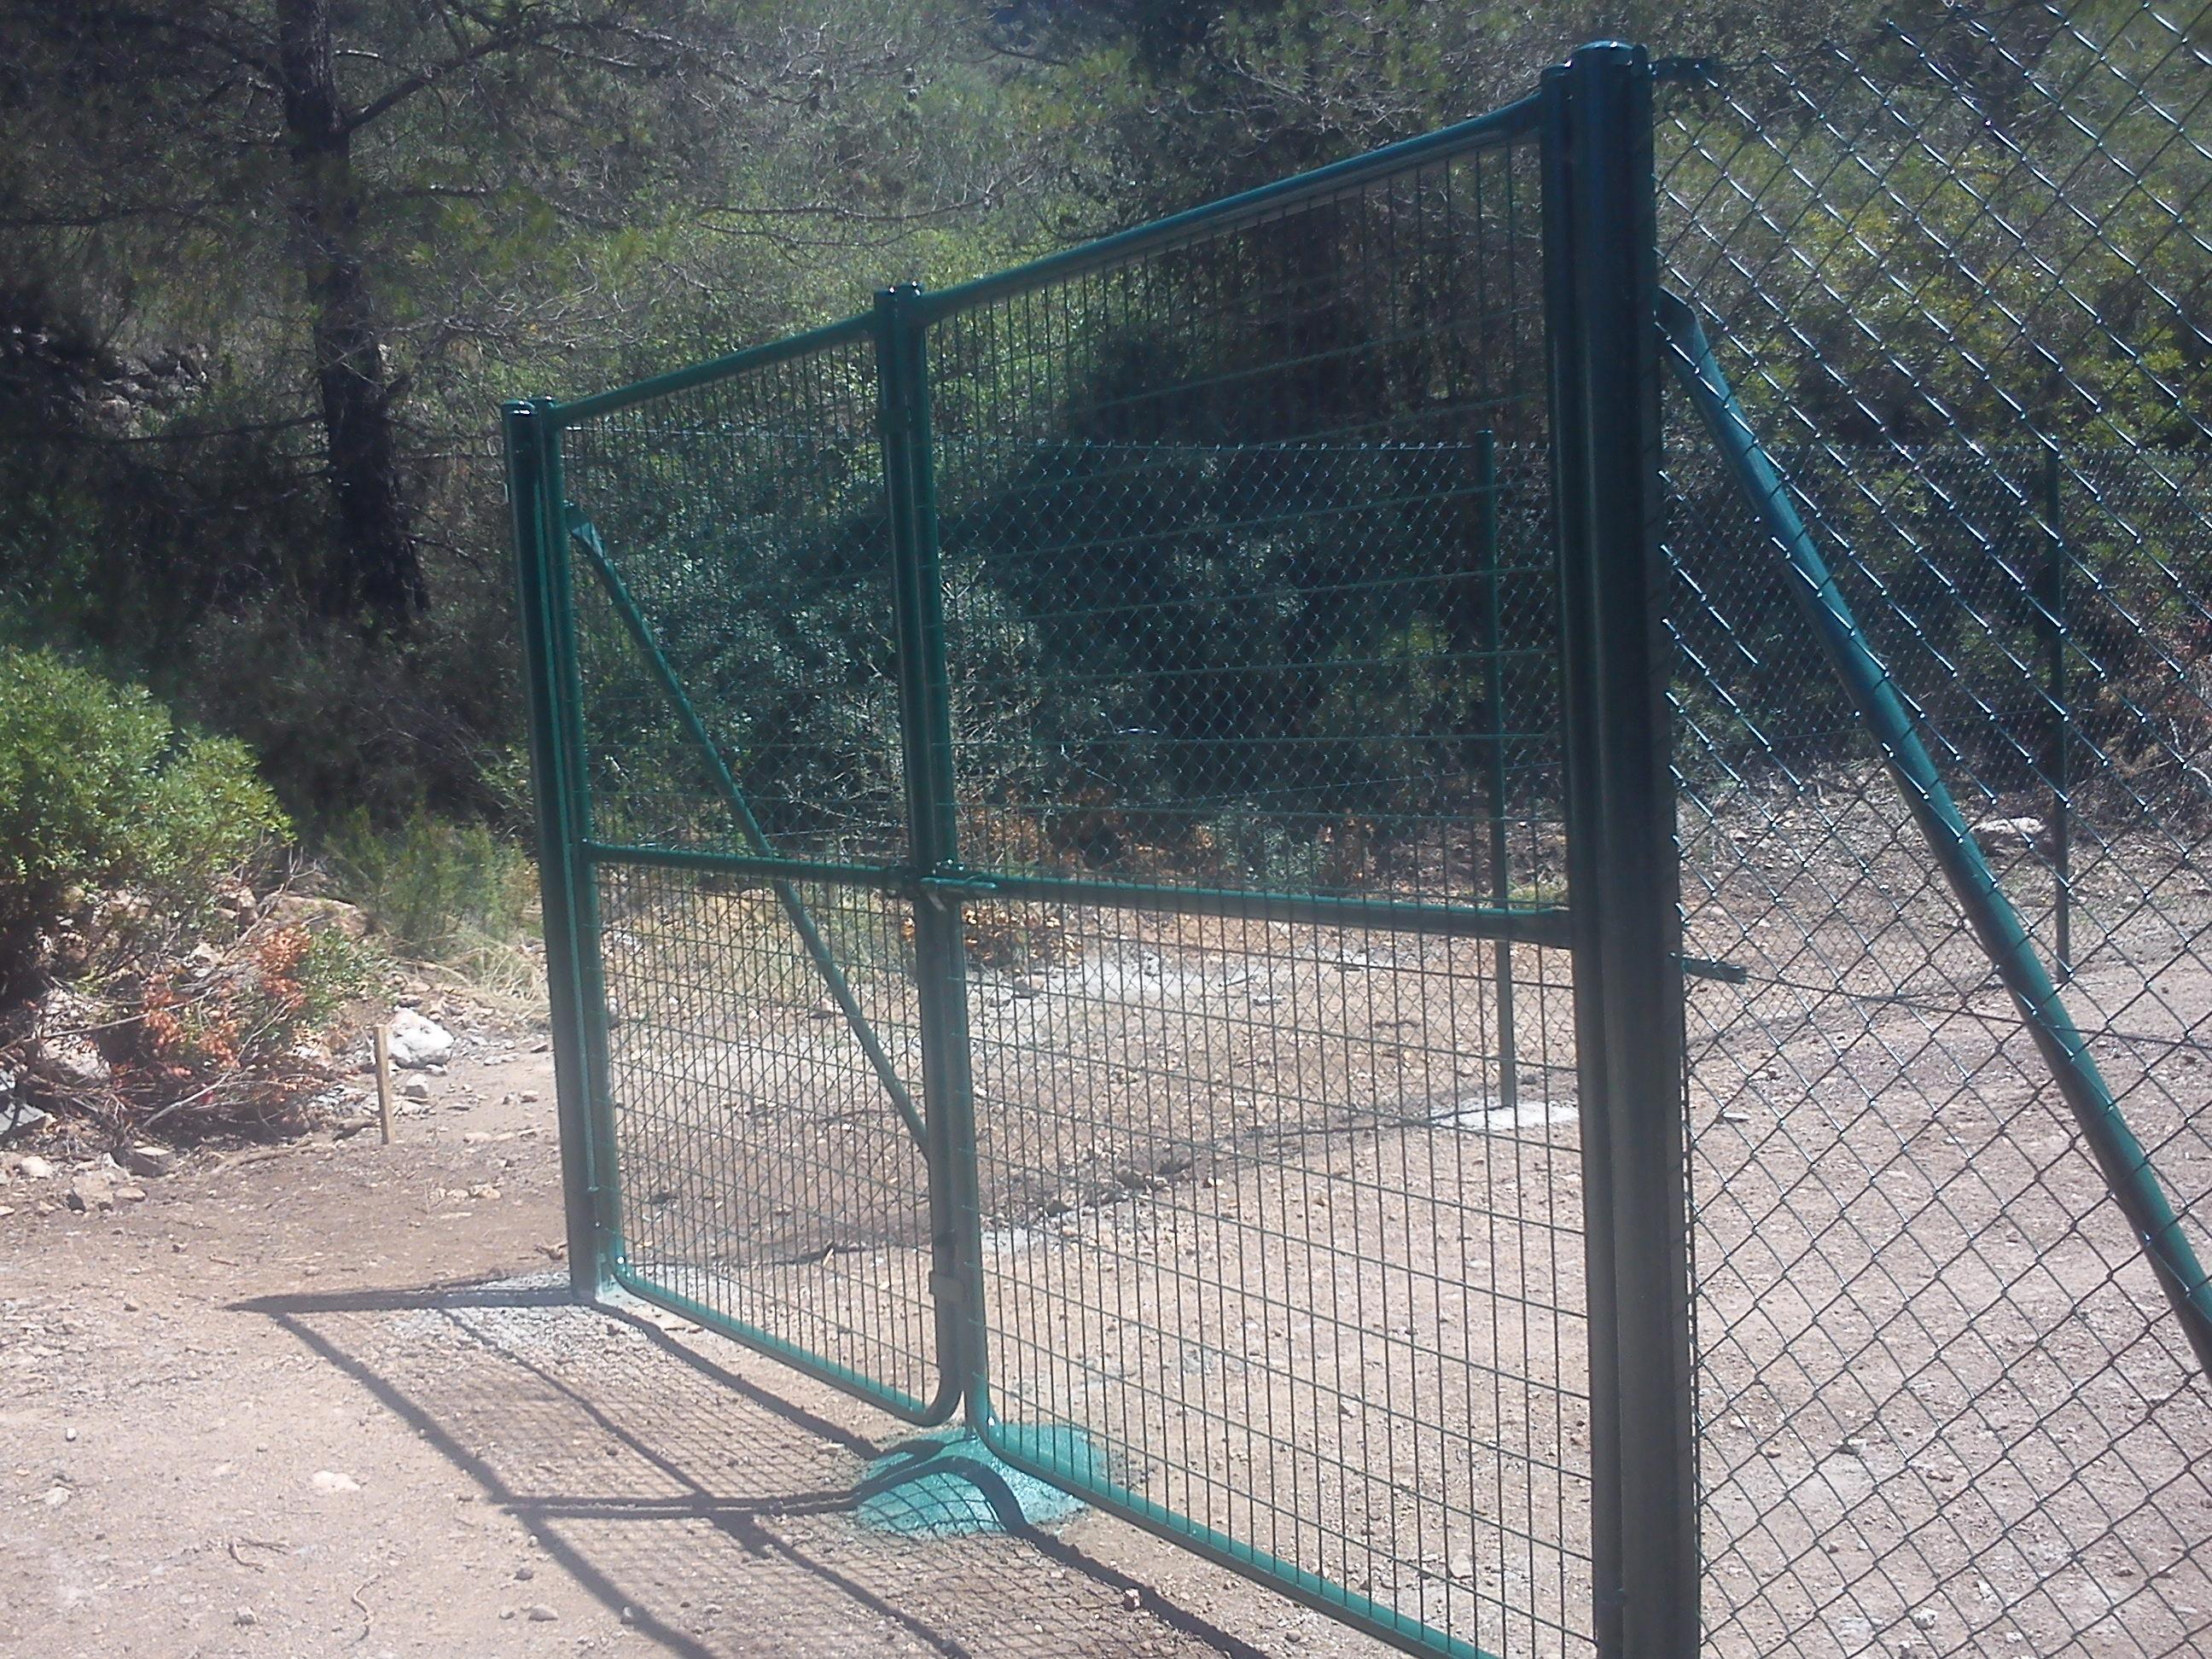 Vinuesa vallas cercados valla cercado met lico - Puertas de valla ...